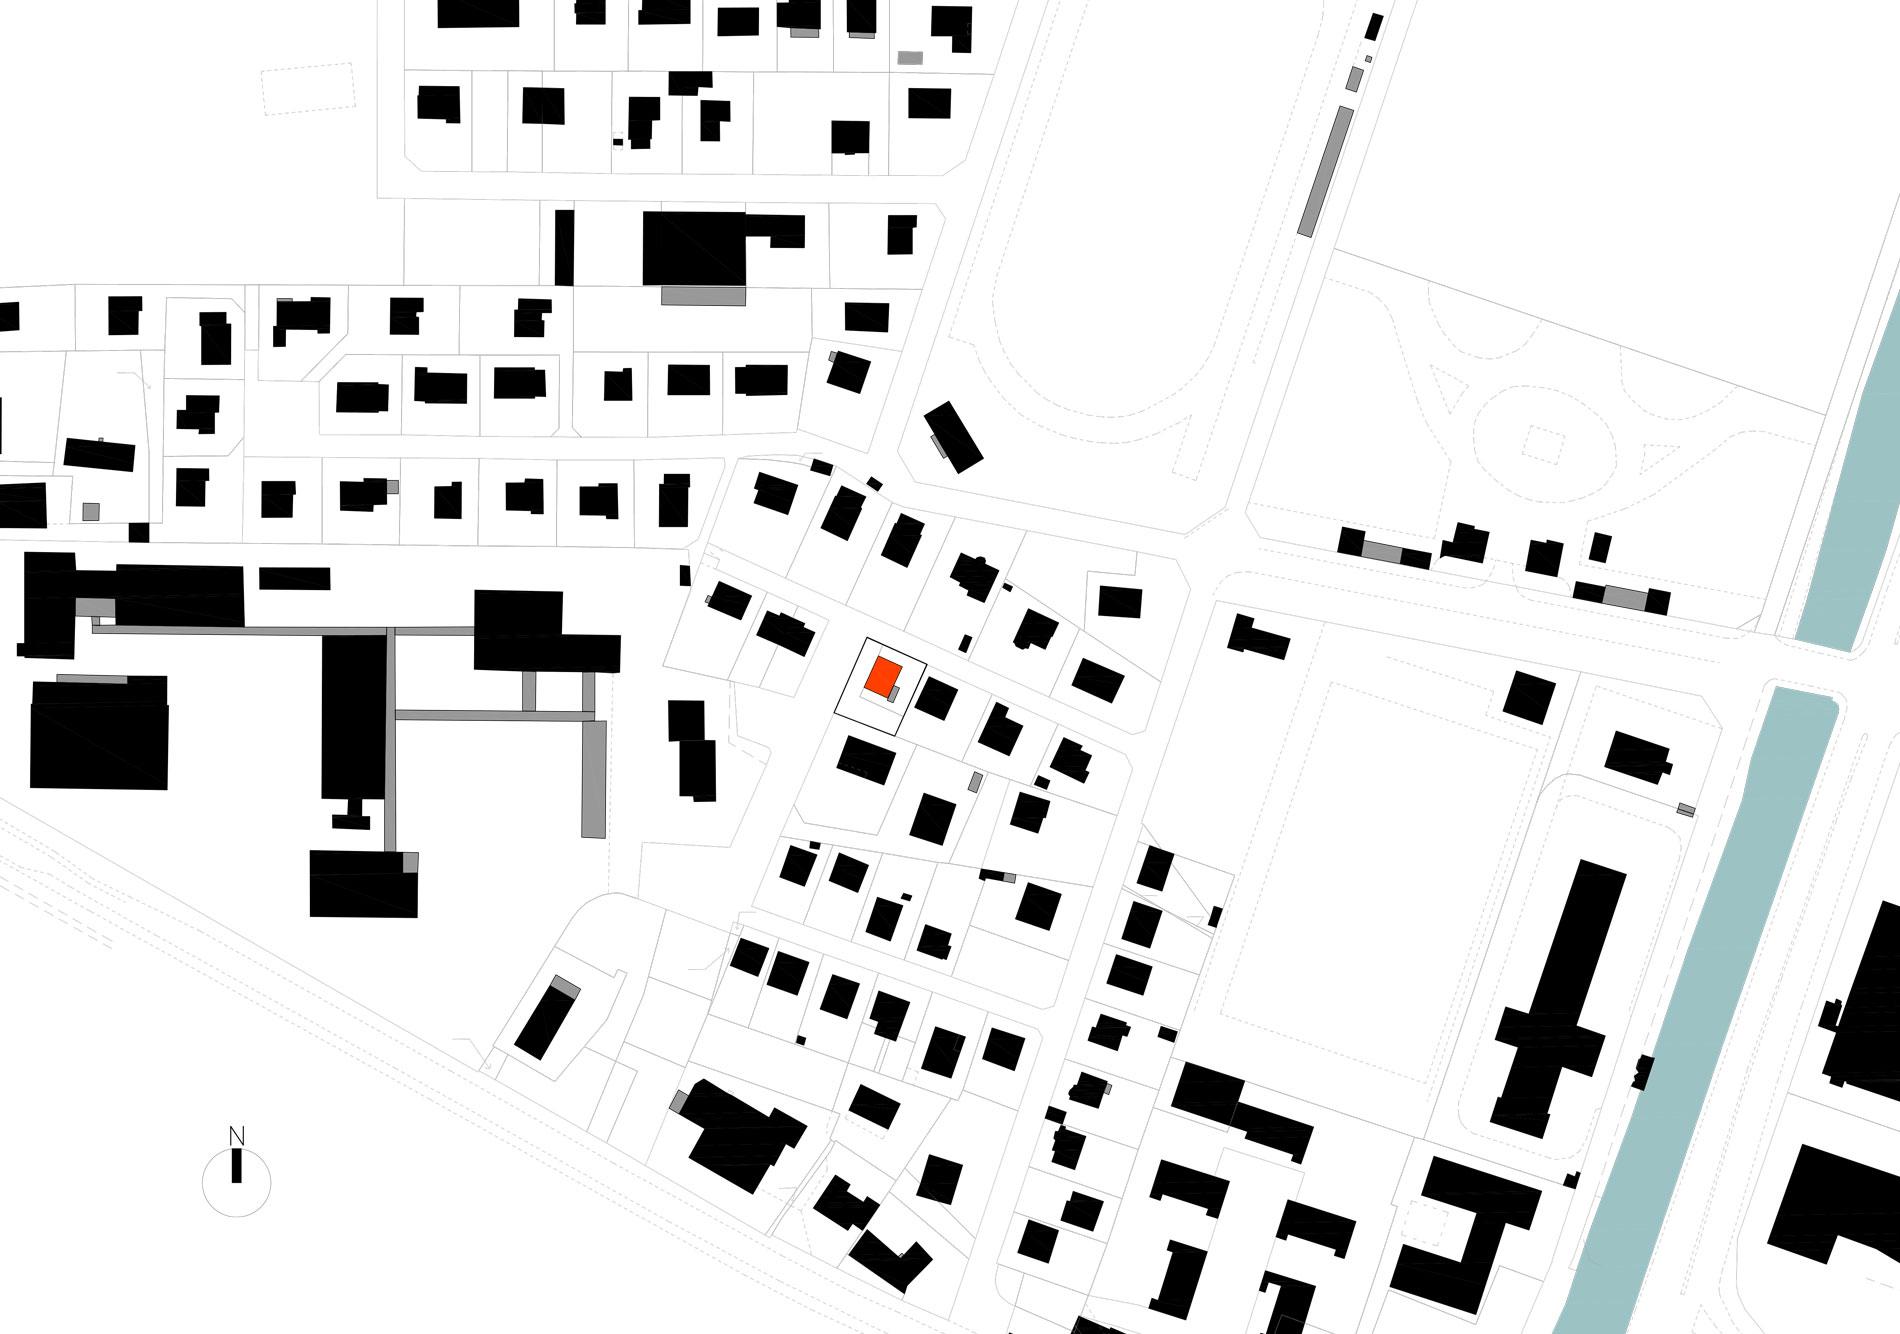 asb-architecture-savoie-chambery-renovation-maison-de-ville-bois-enduit-plan-situation-12